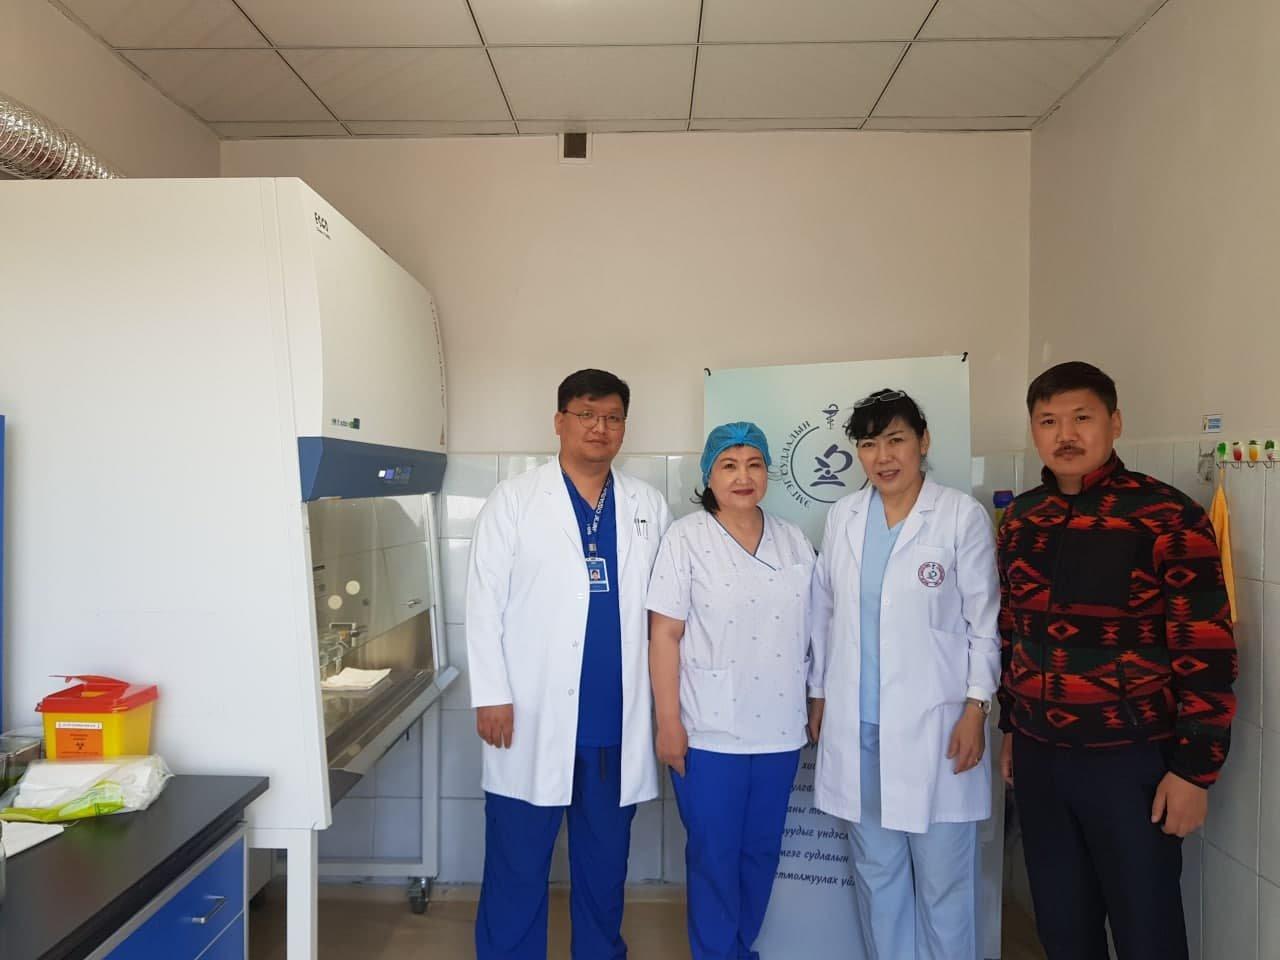 Дундговь аймгийн нэгдсэн эмнэлгийн эмгэг судлалын тусламж үйлчилгээг тогтмолжуулах үйл ажиллагаа явагдаж байна